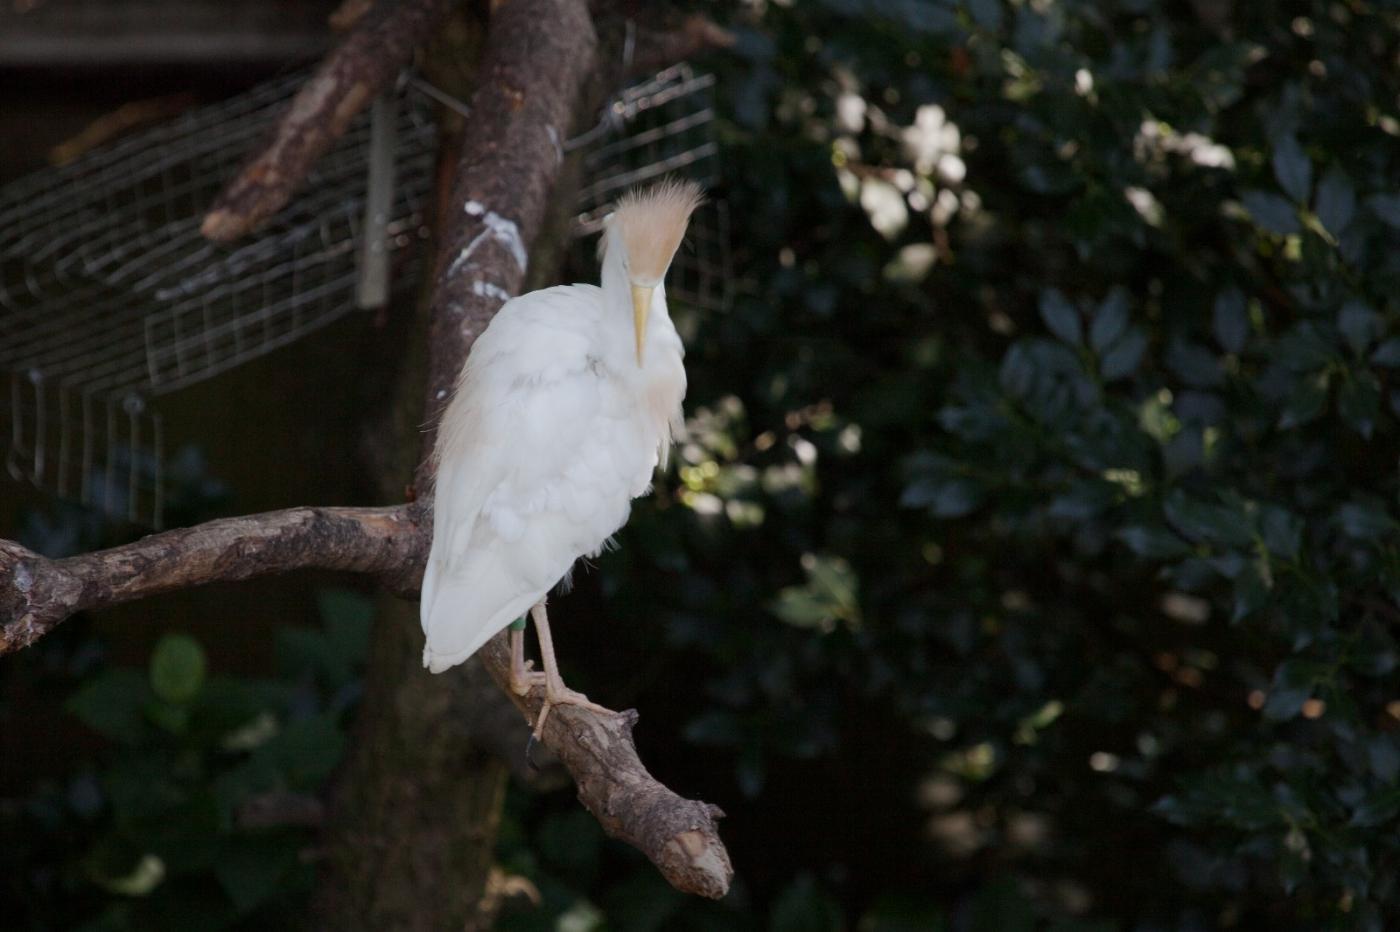 动物园花絮(摄于布朗士动物园,皇后区动物园)_图1-10